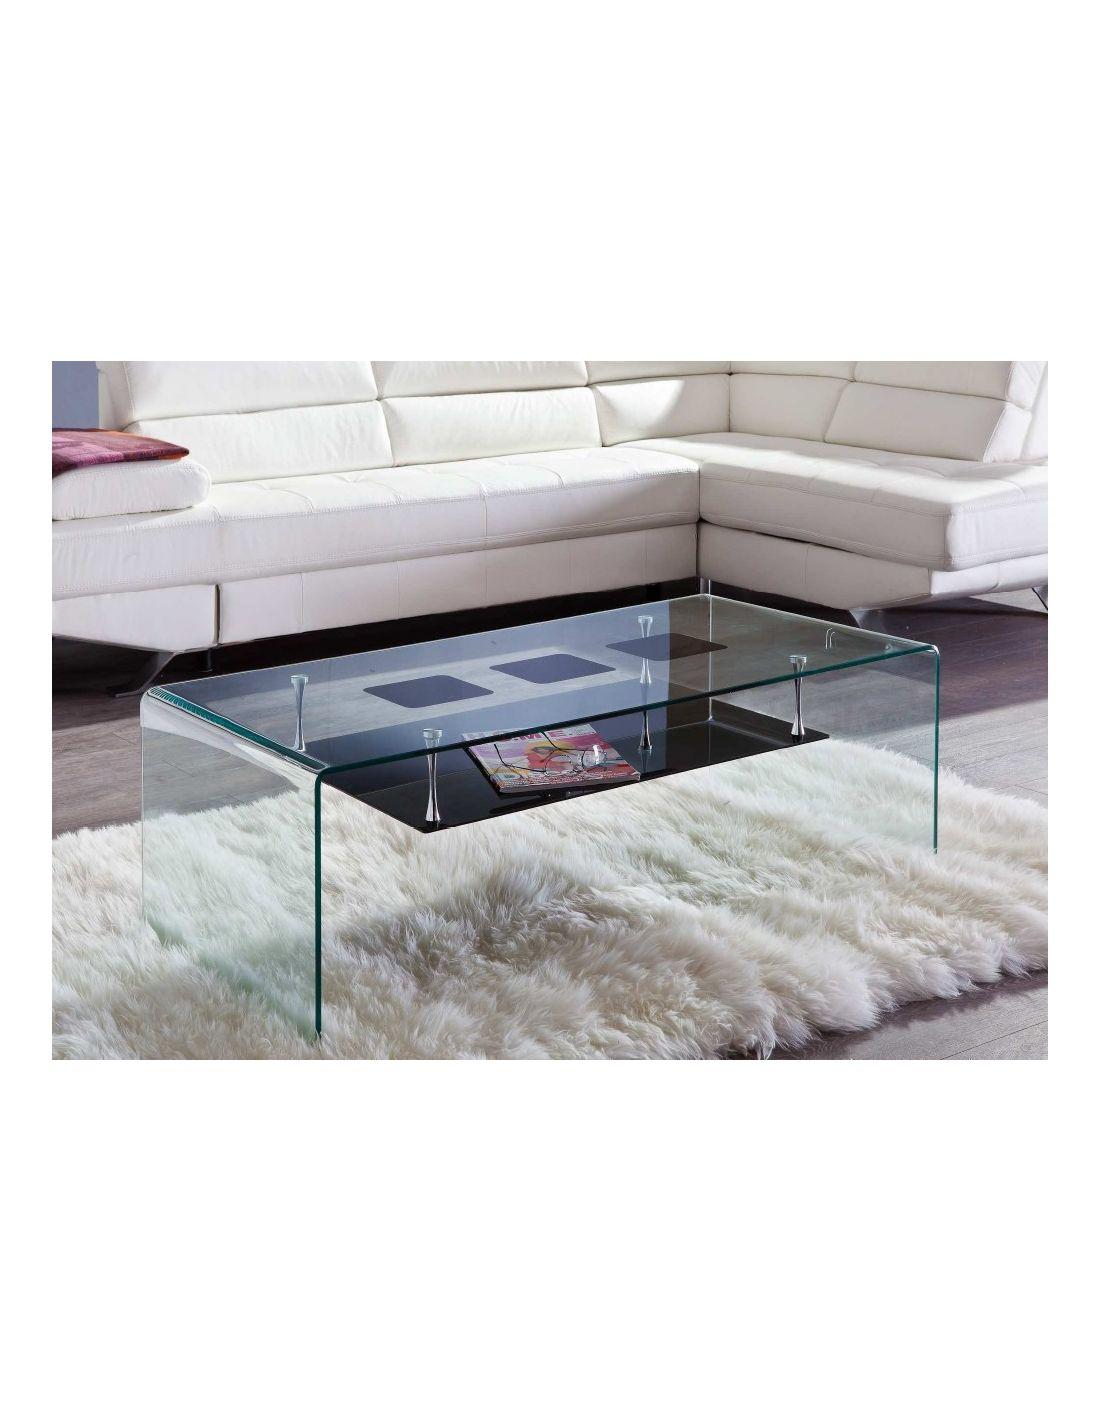 Tienda de muebles auxiliares en sevilla mesas de cristal - Mesa auxiliar cristal curvado ...